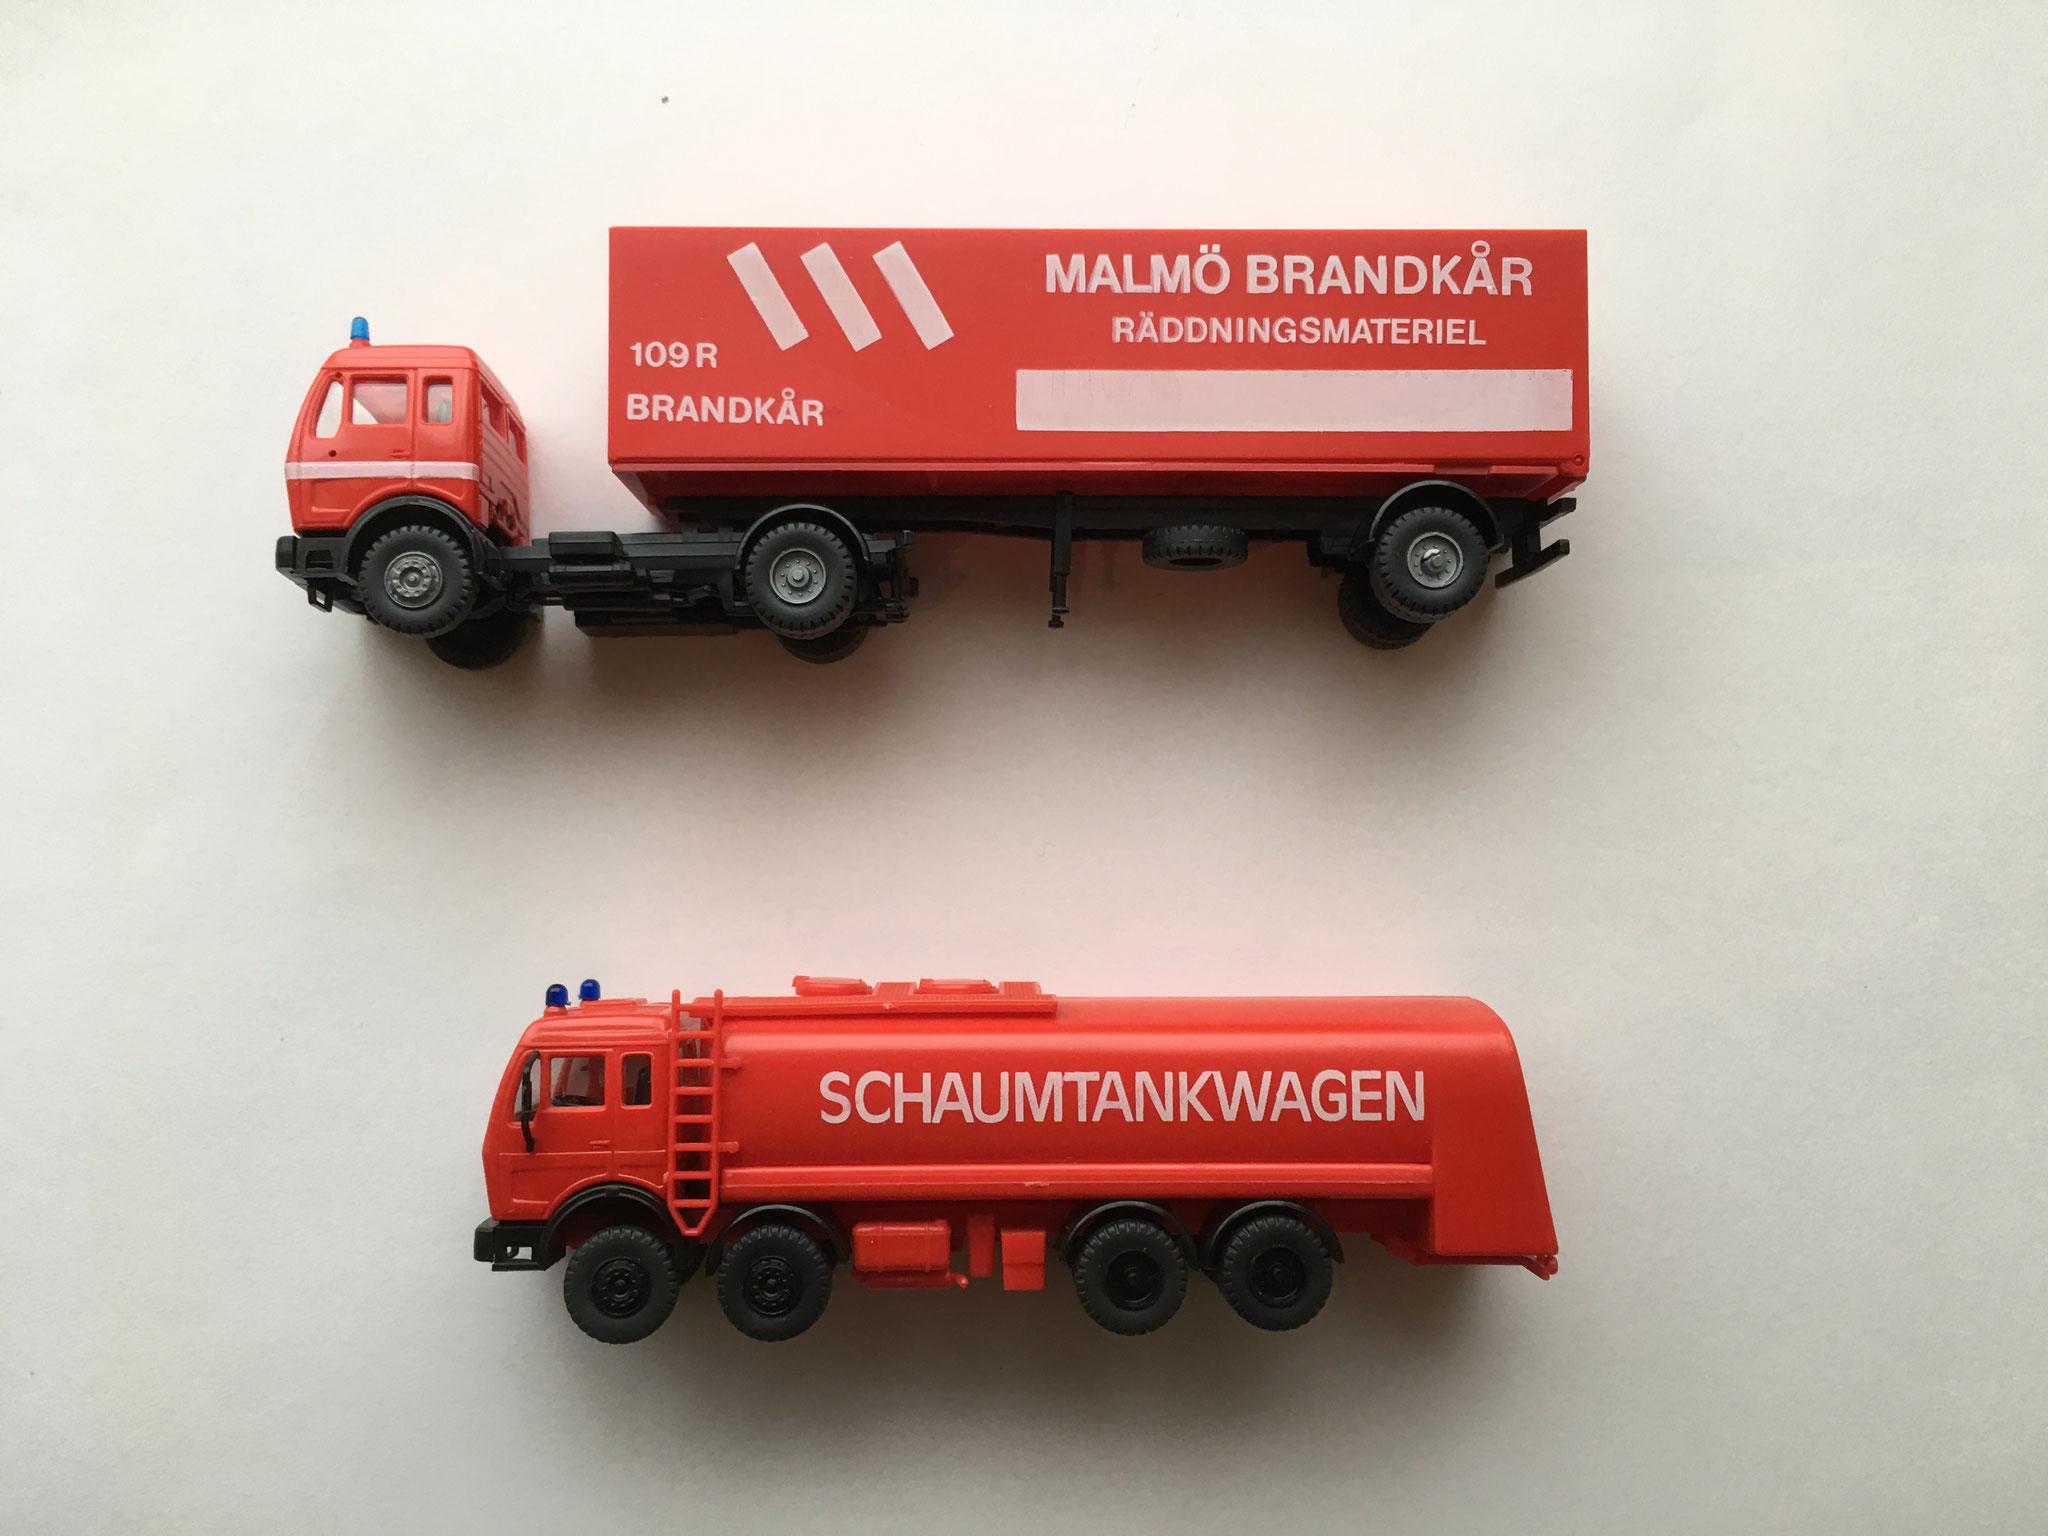 Feuerwehr Malmö und Feuerwehr Schaumtankwagen - Hobby Haus Hetterich